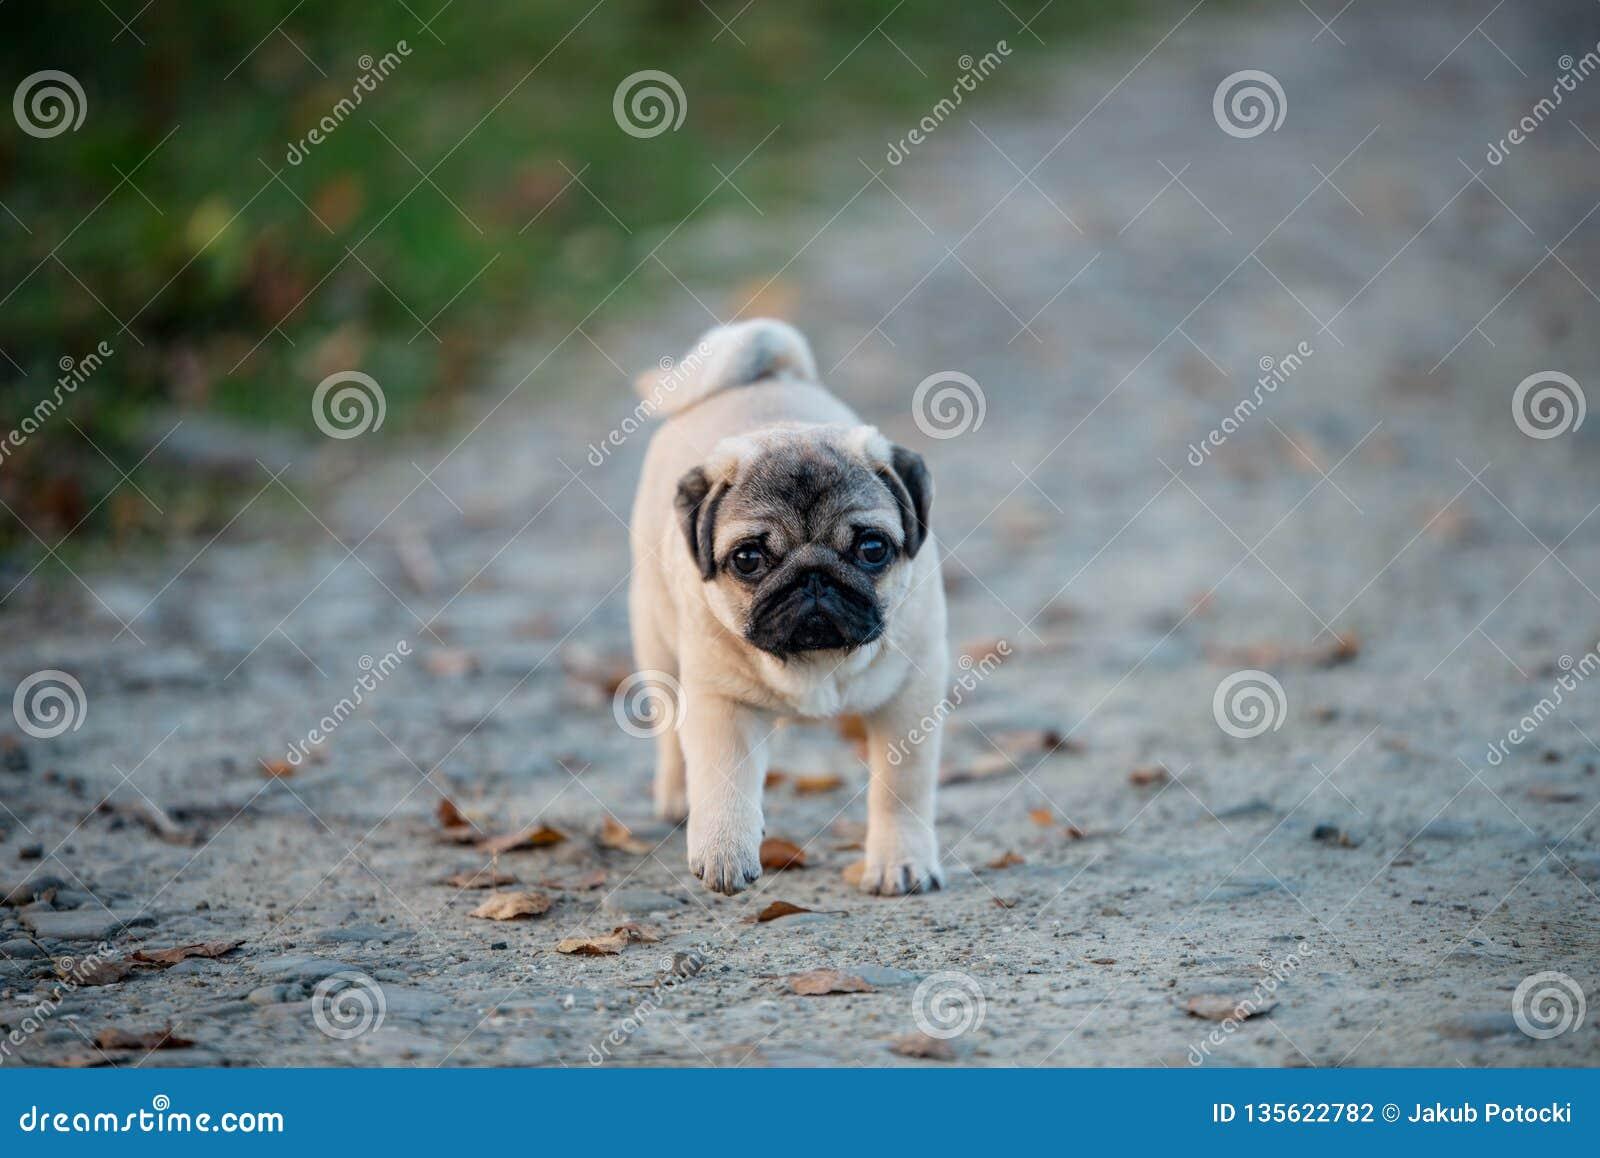 Um cão de cachorrinho bonito, pug está andando através de um trajeto em um parque com uma cara triste